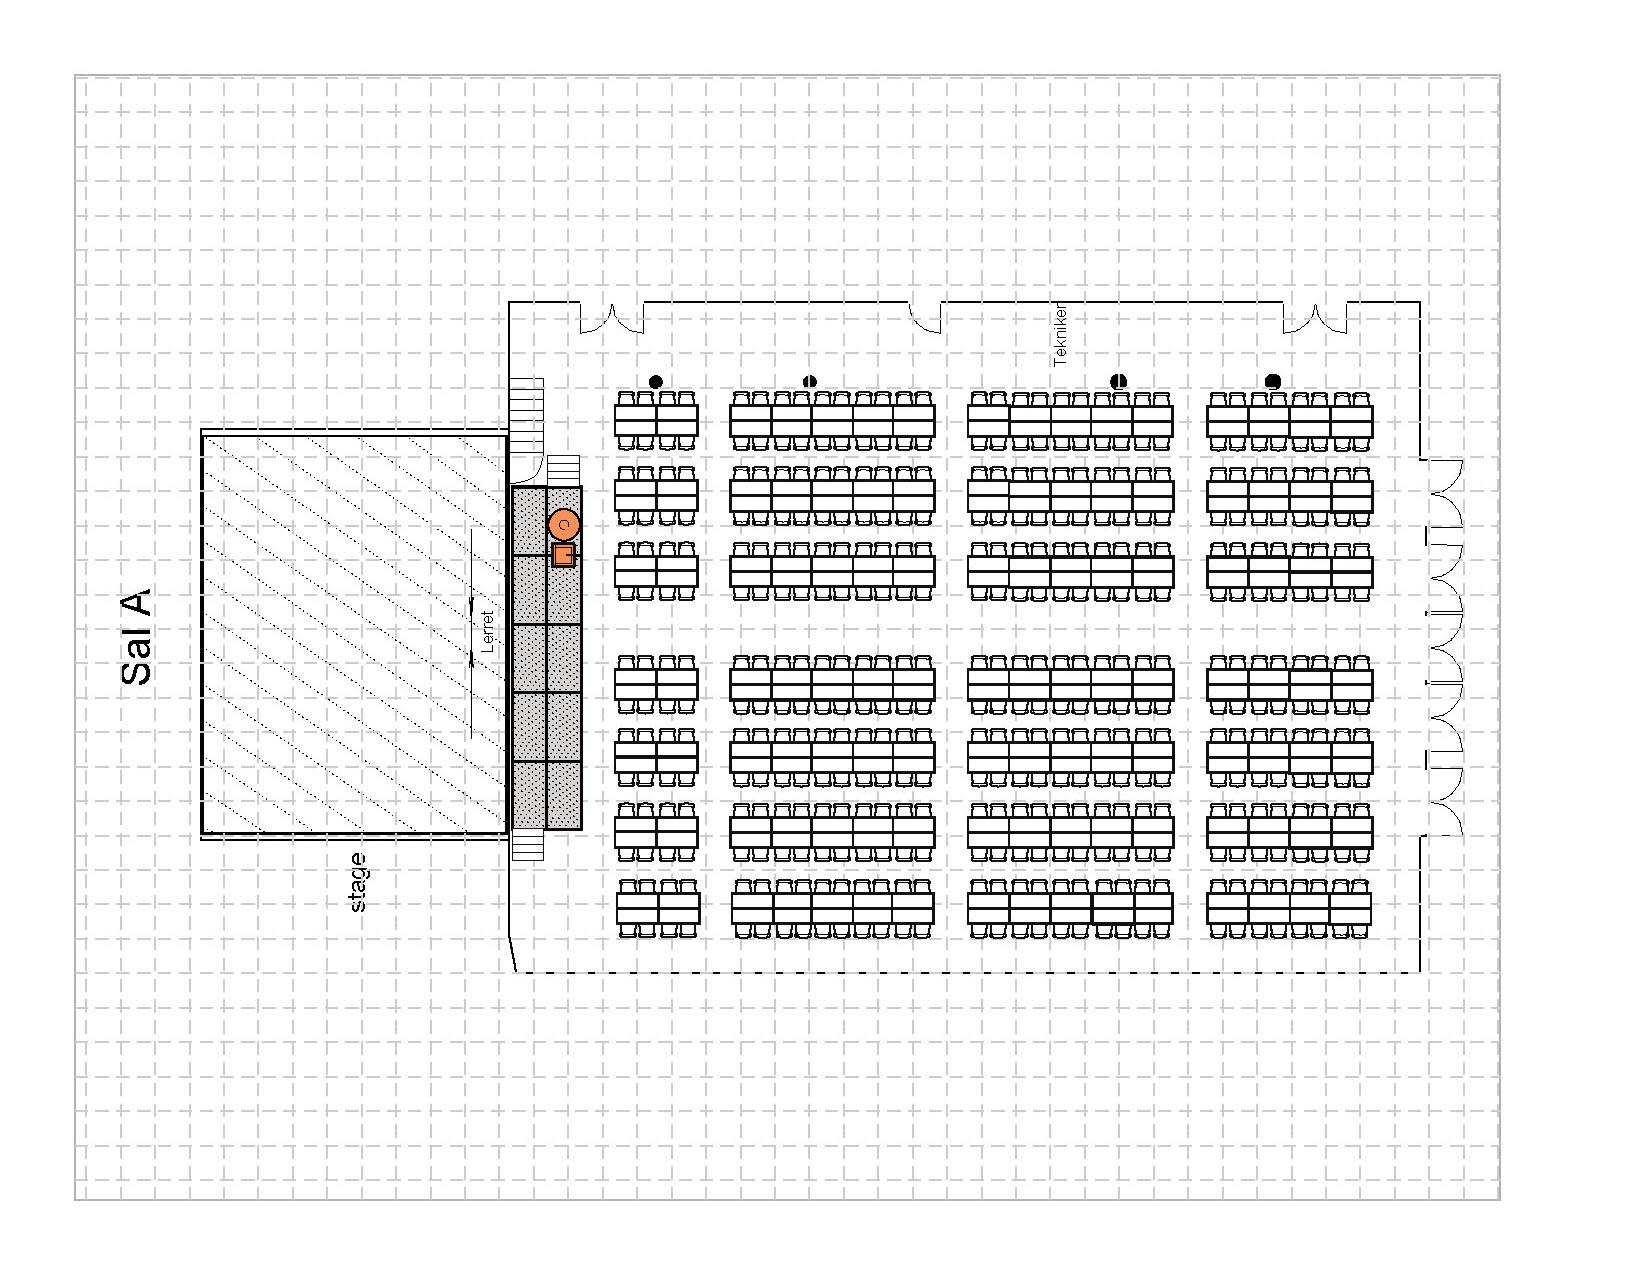 Bankett langbord 448 plasser